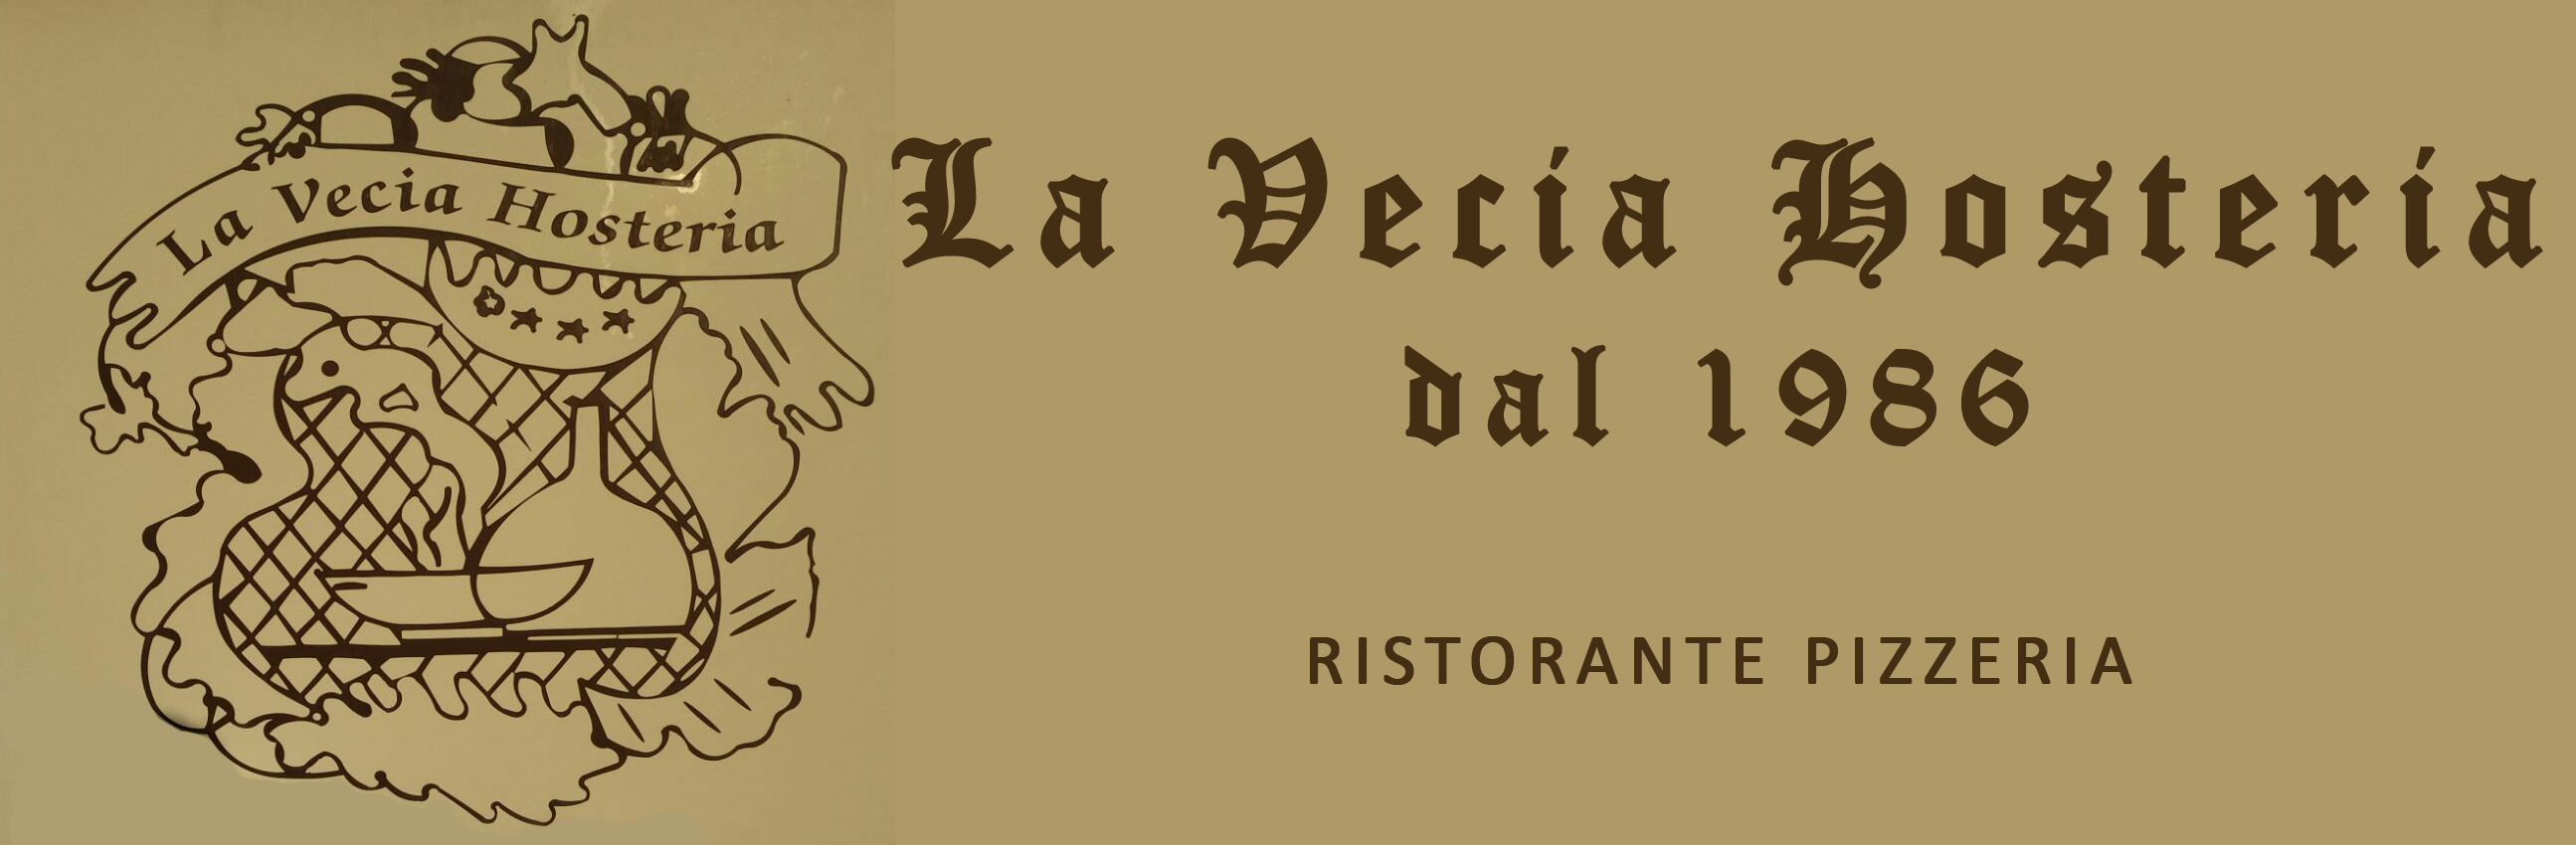 www.laveciahosteria.it